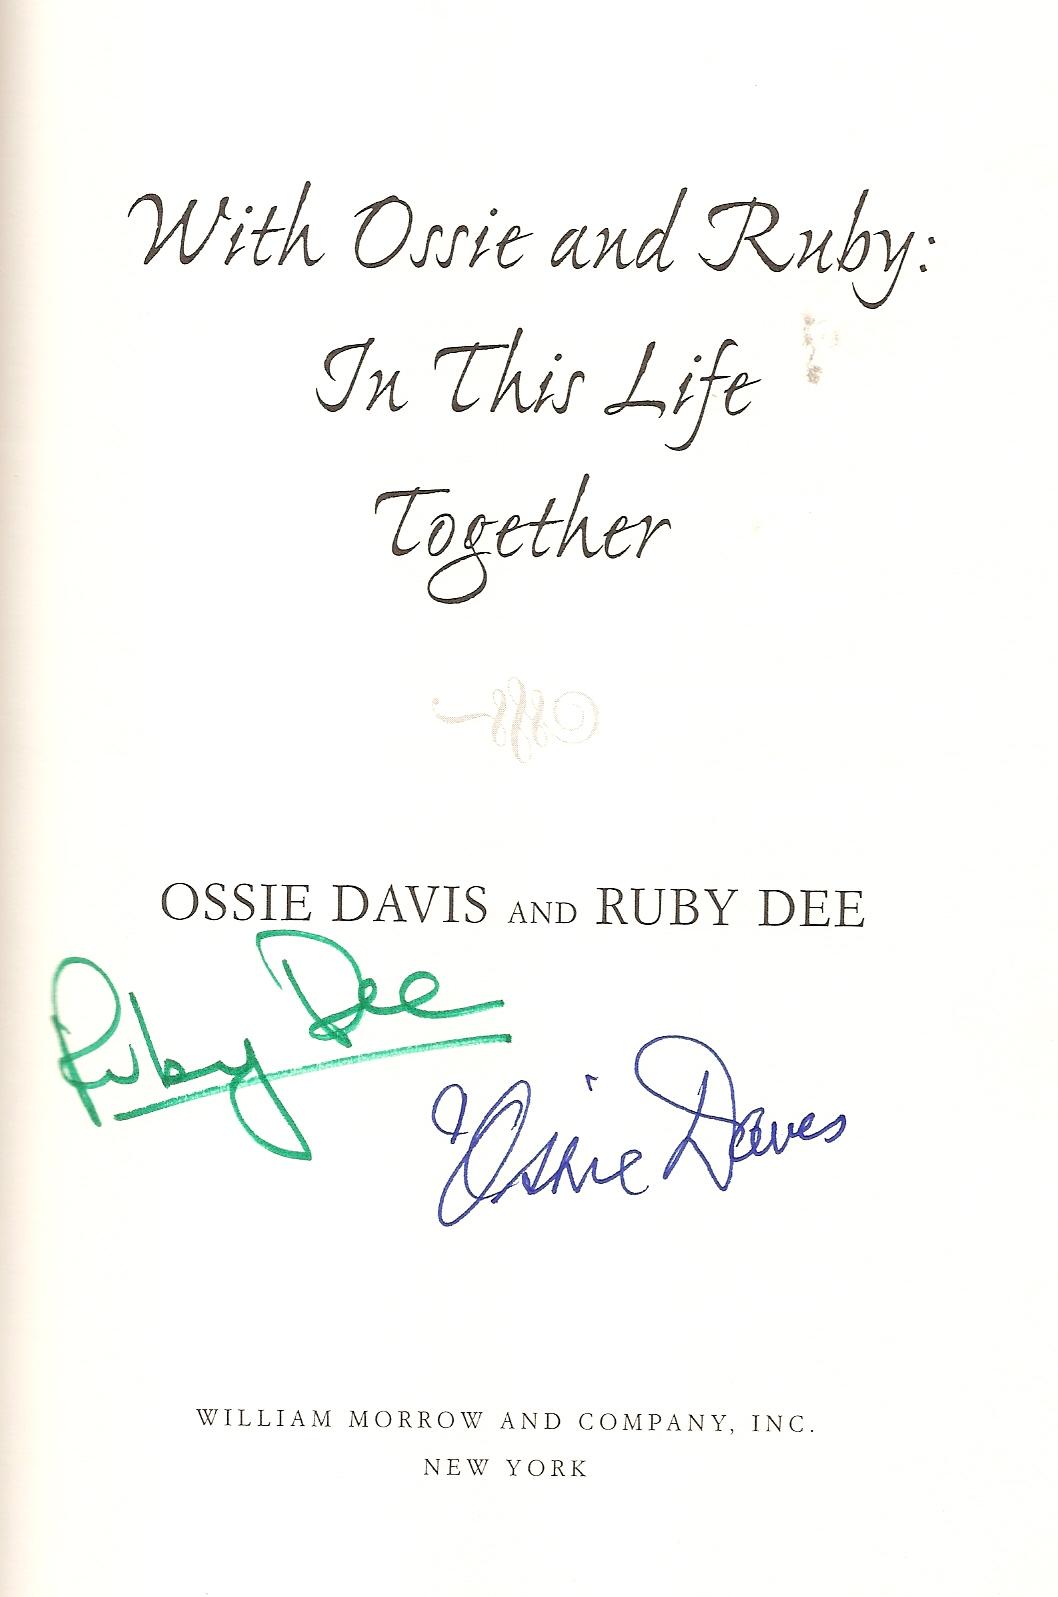 Ruby Dee, Ossie Davis